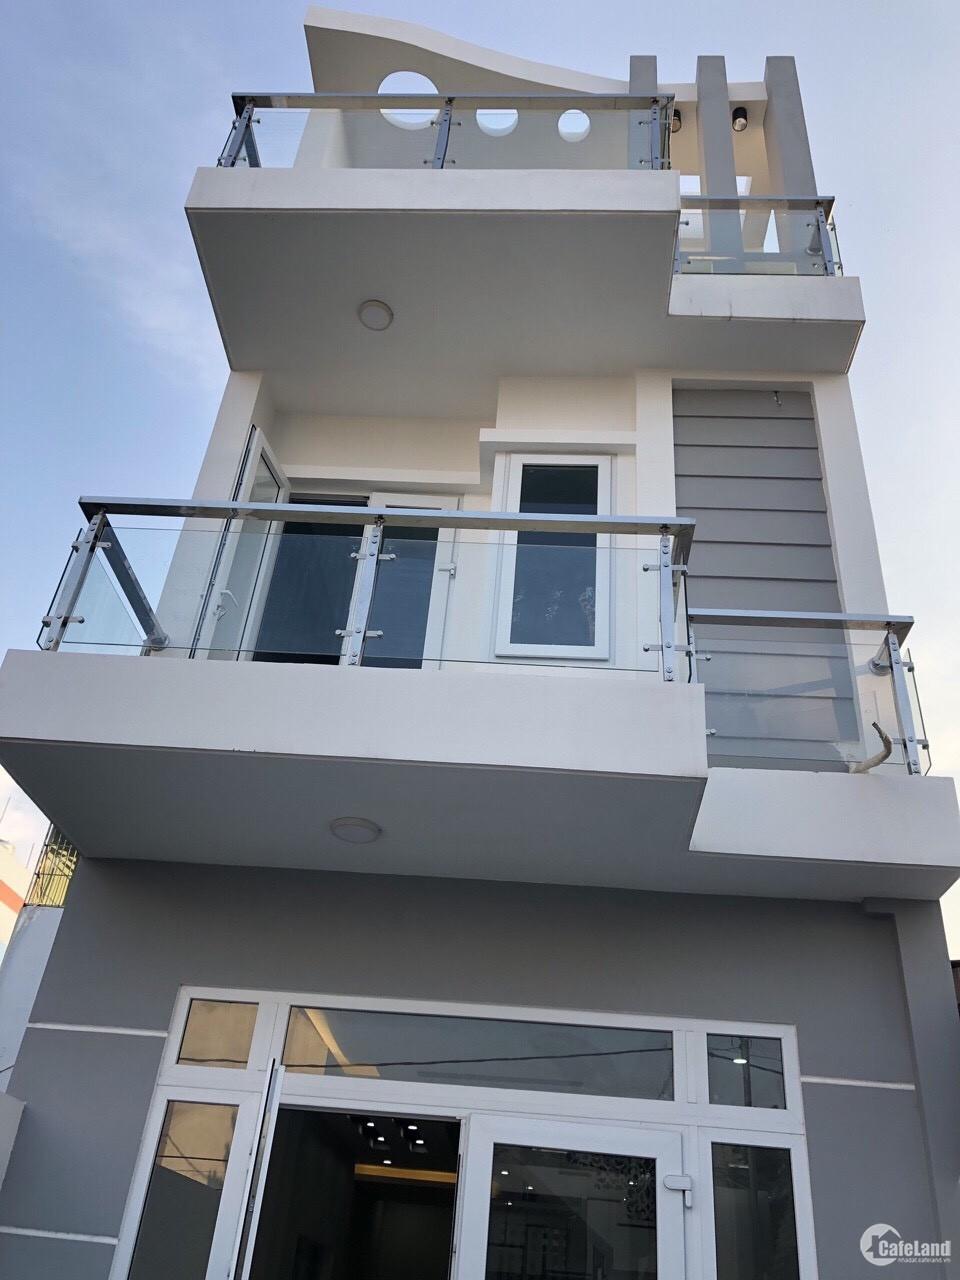 Chính Chủ Cần bán nhà 1 trệt 2 lầu ở Tô Ký-Hóc Môn 80m2 Sổ Hồng Riêng giá 1 tỷ 6